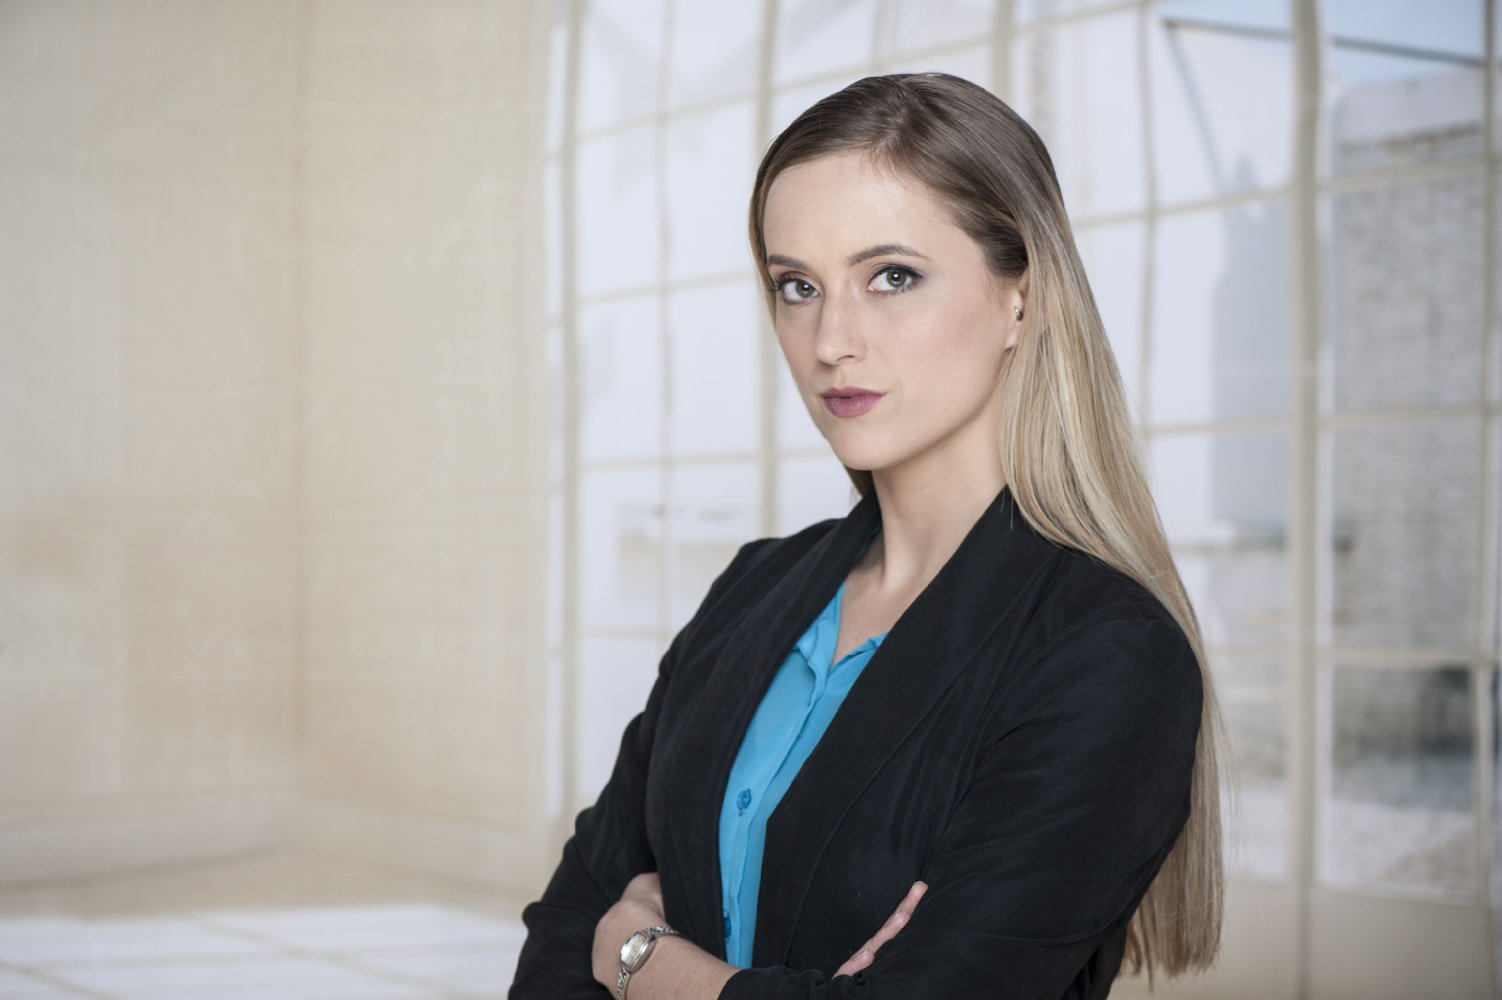 Miranda Millar